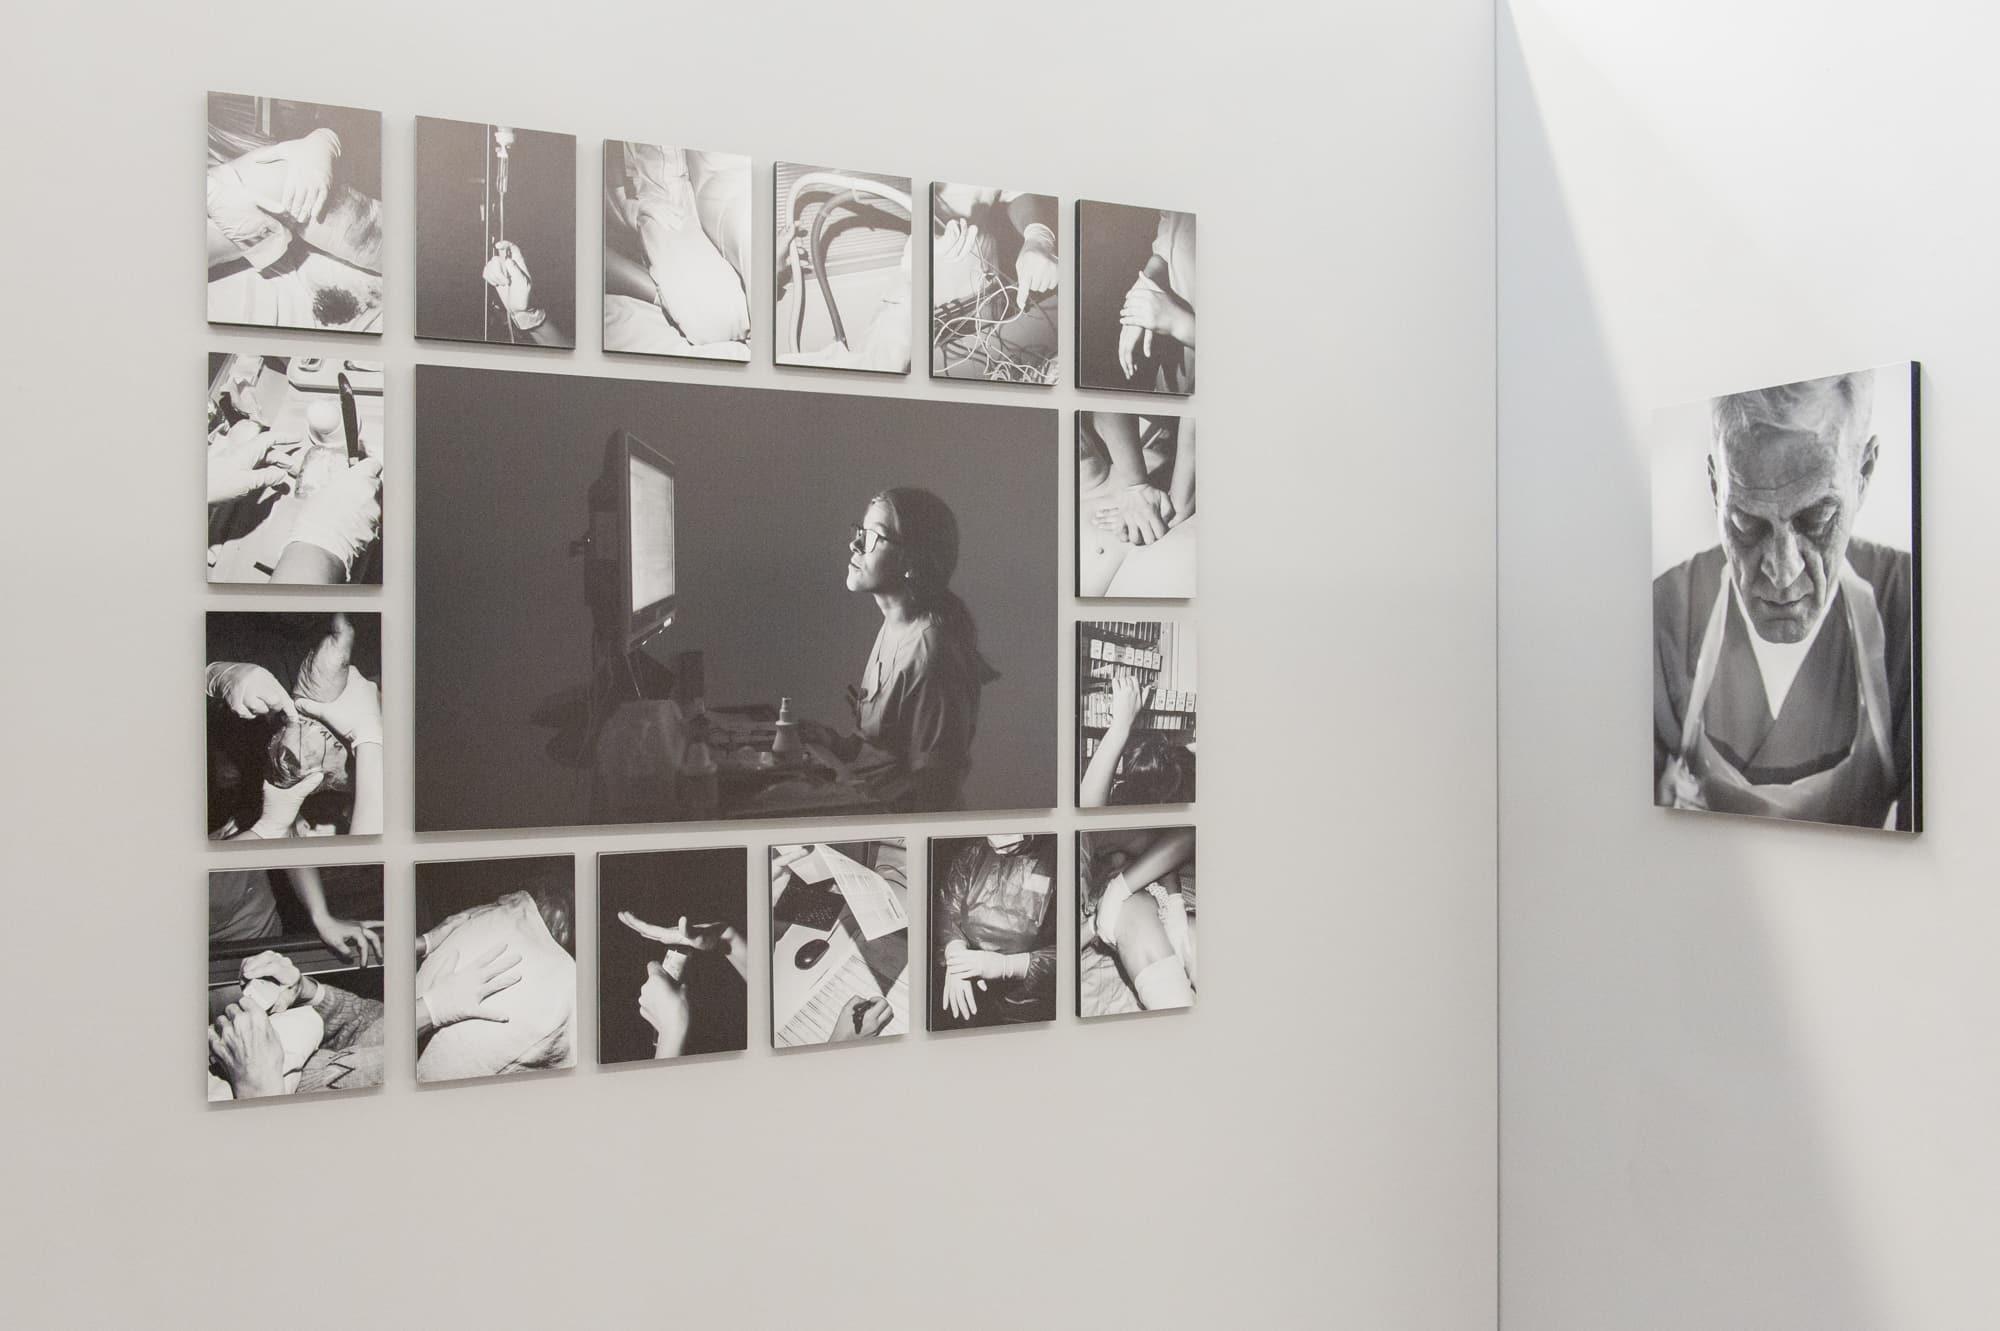 Nicht muede werden — Exhibition at Galerie fuer Fotografie Hannover, Germany